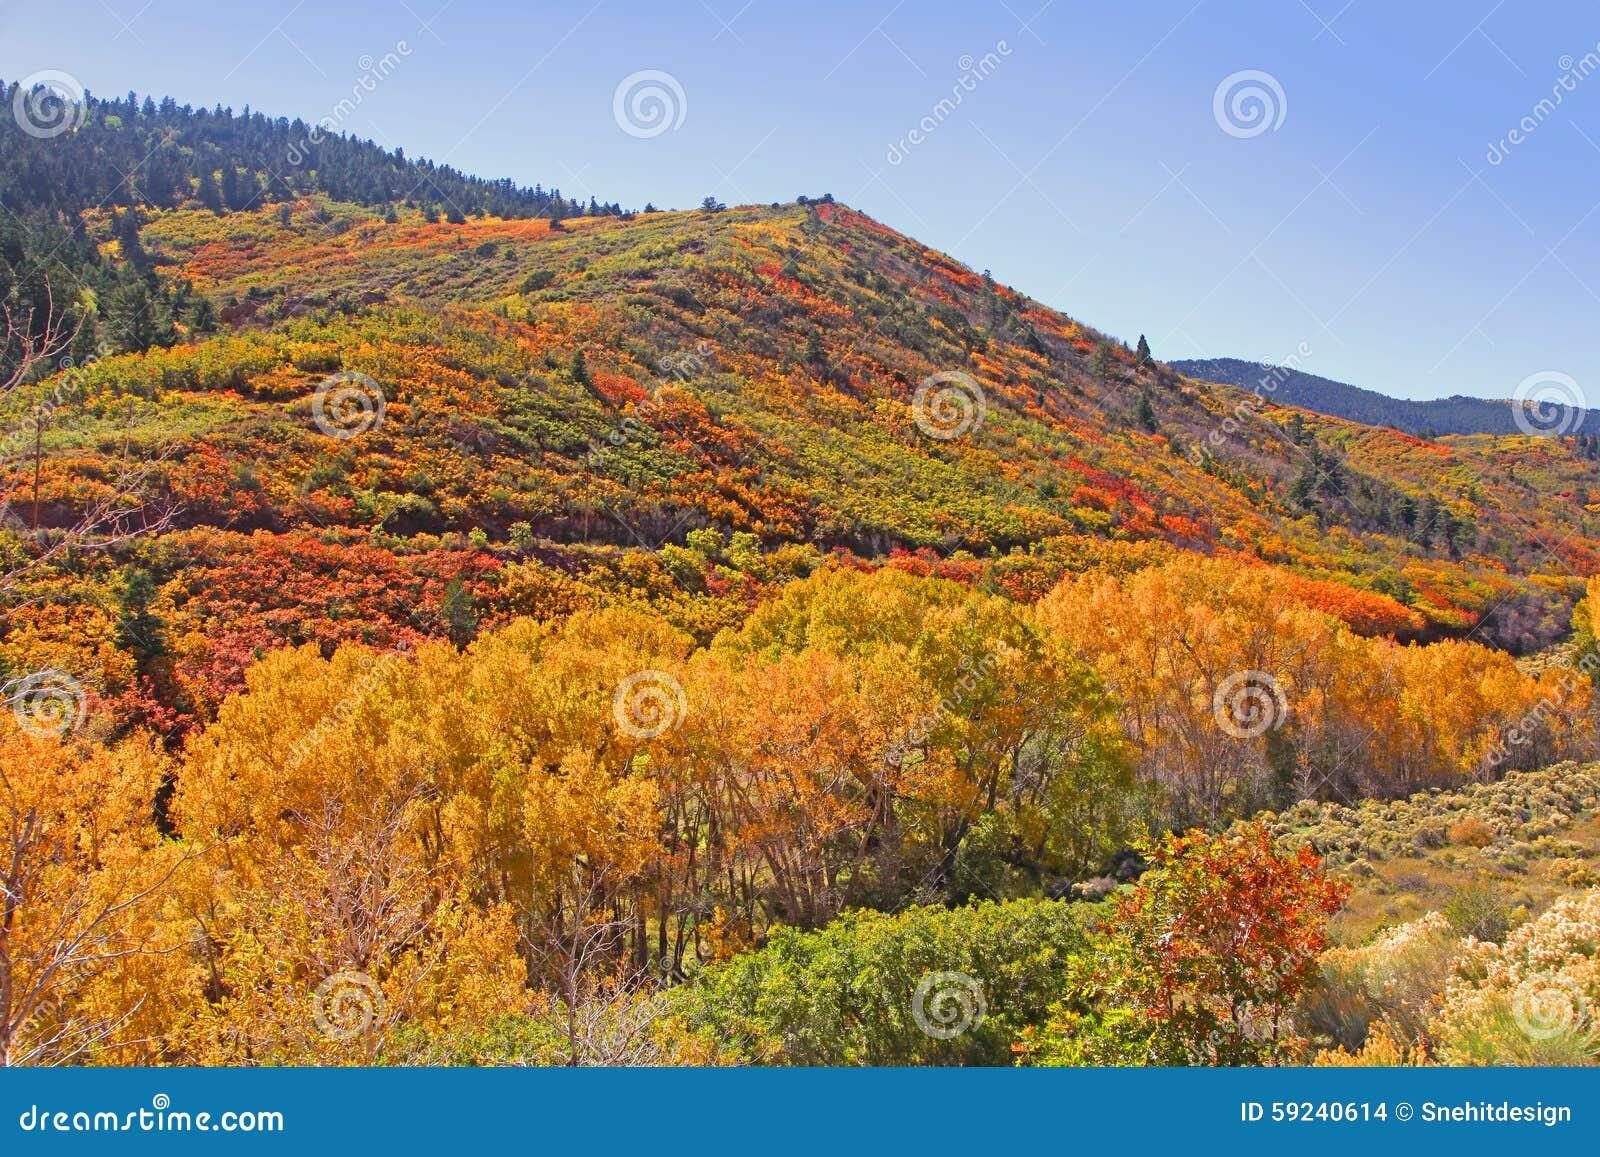 Download Otoño en Colorado foto de archivo. Imagen de aspen, américa - 59240614